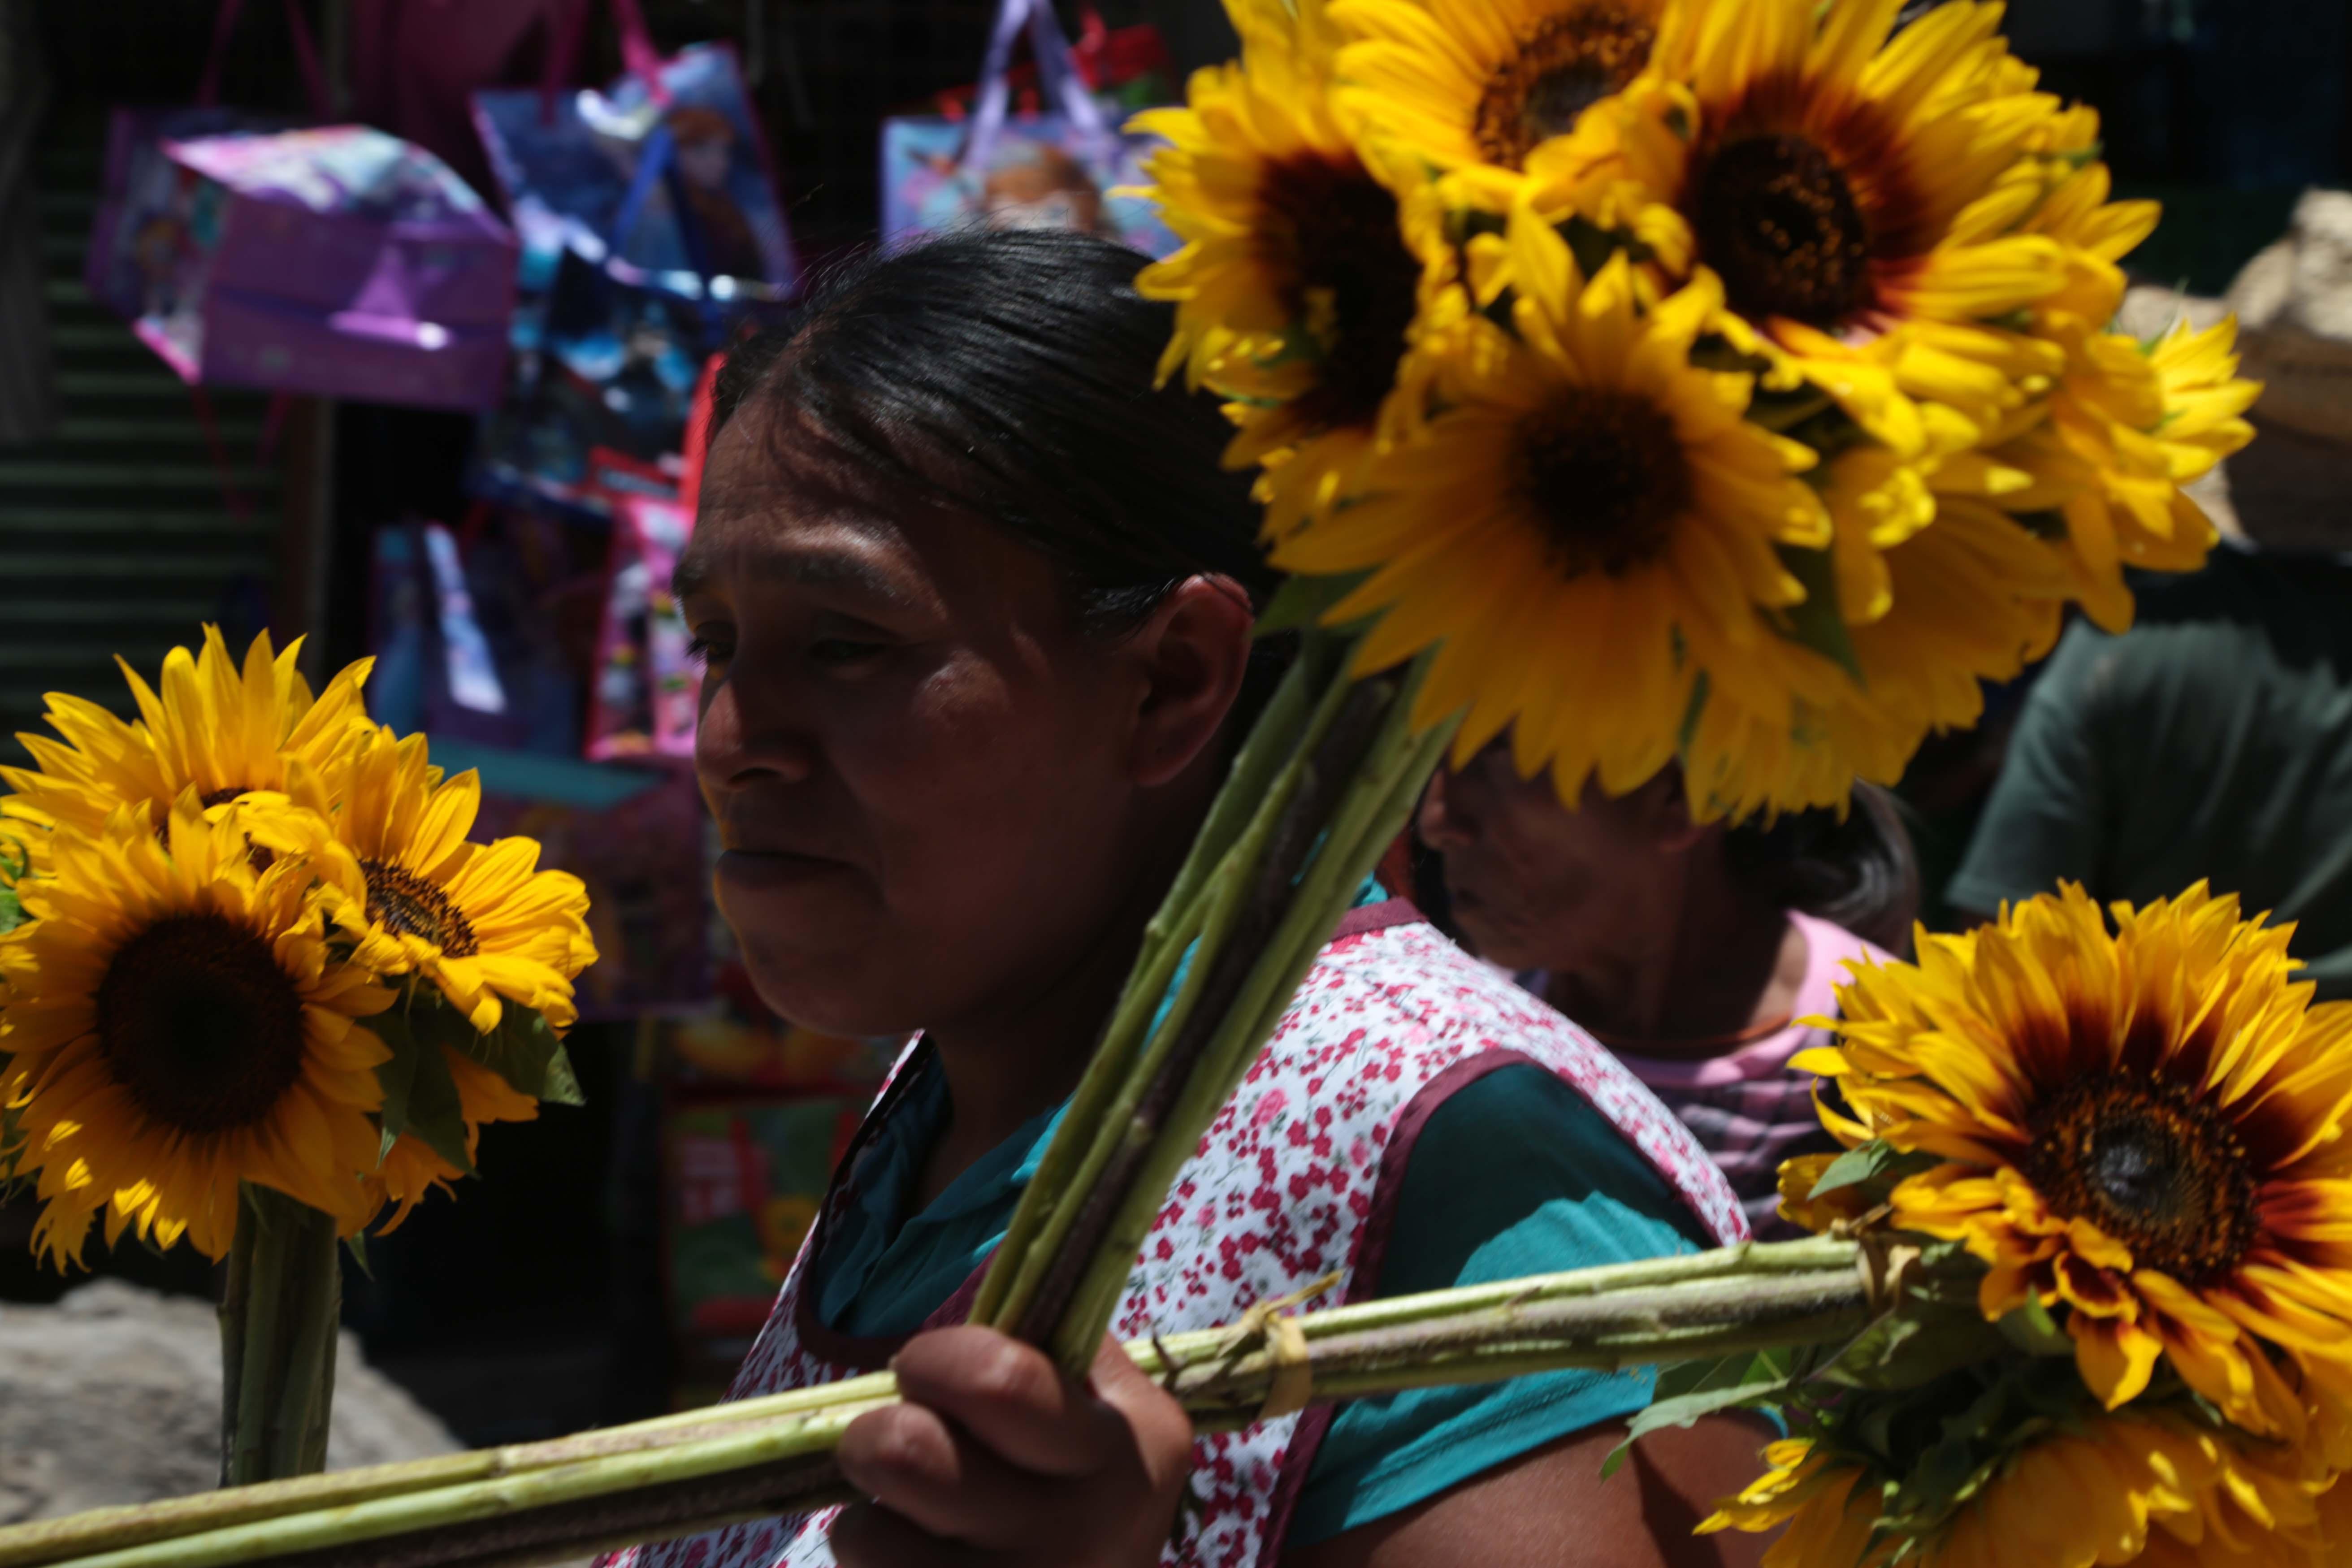 Chilpancingo, Guerrero 07 del 2017. Mujer camina en la calle 21 de Marzo ofreciendo ramos de girasoles. Foto: Jessica Torres Barrera